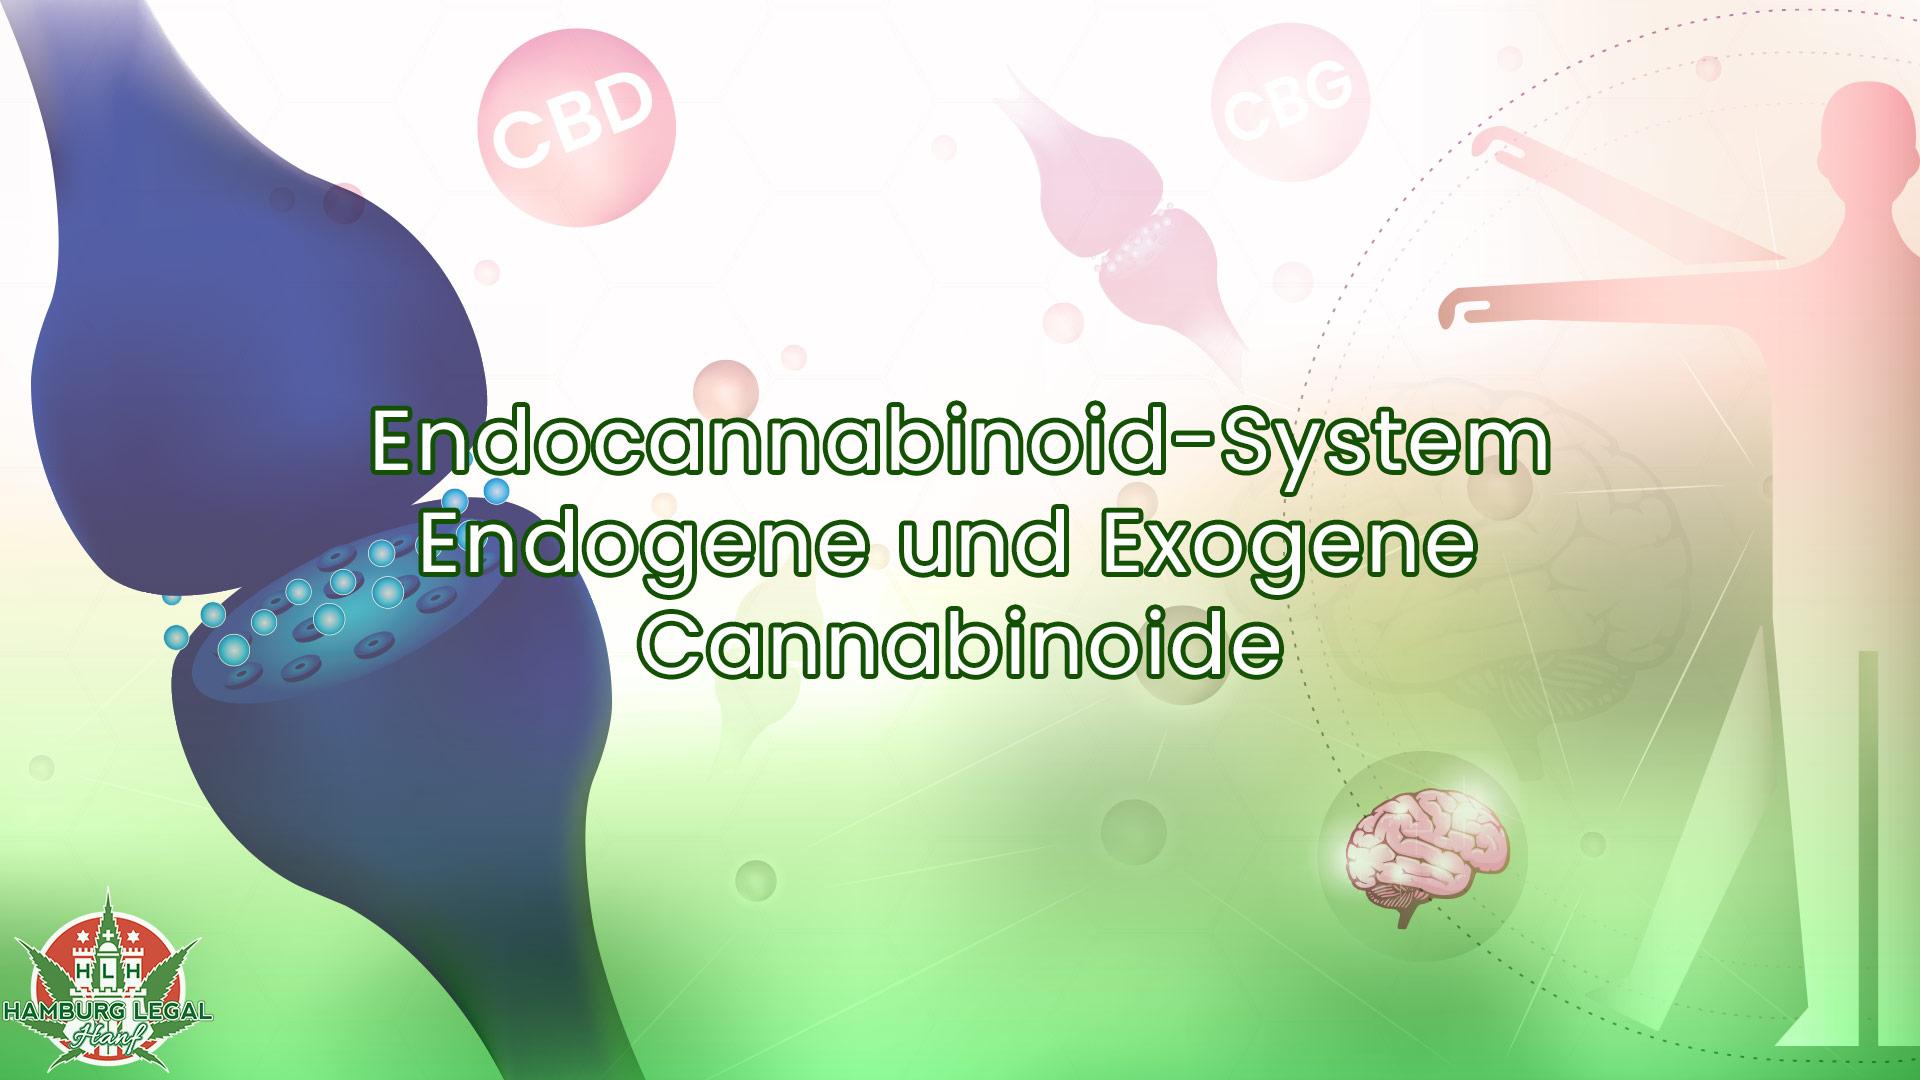 Endocannabinoid-System einfach erklärt – Endogene & Exogene Cannabinoide